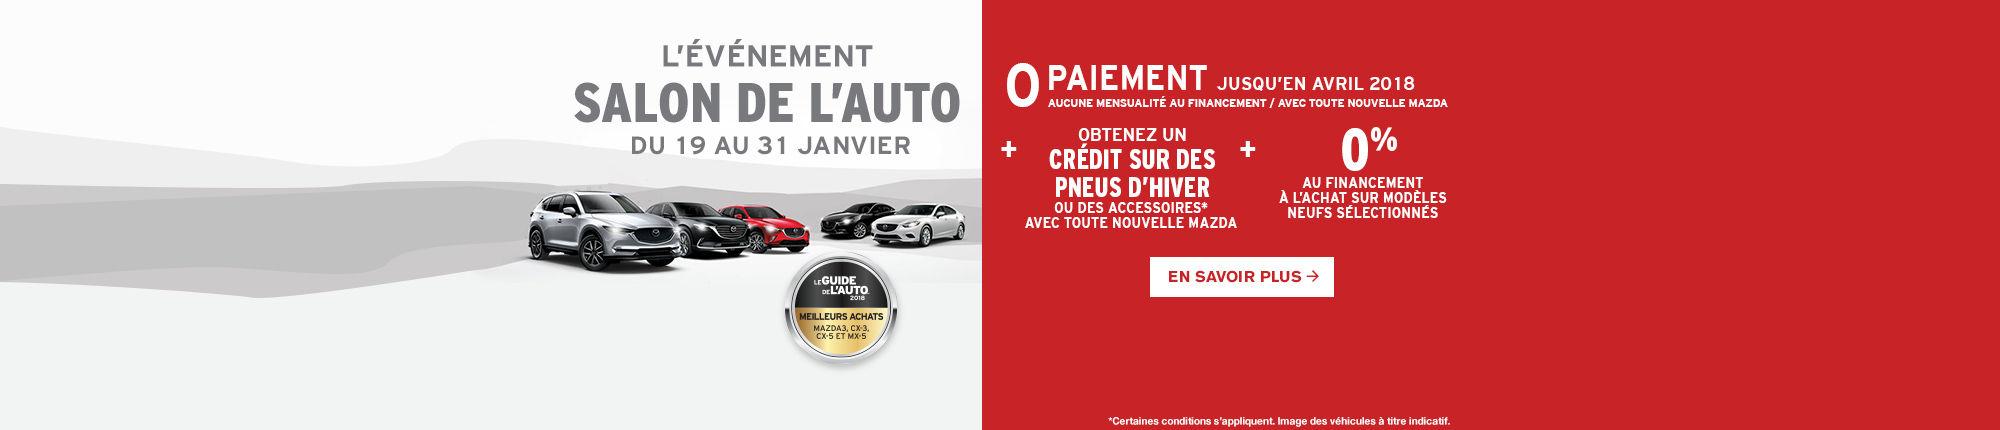 Salon de l'auto web